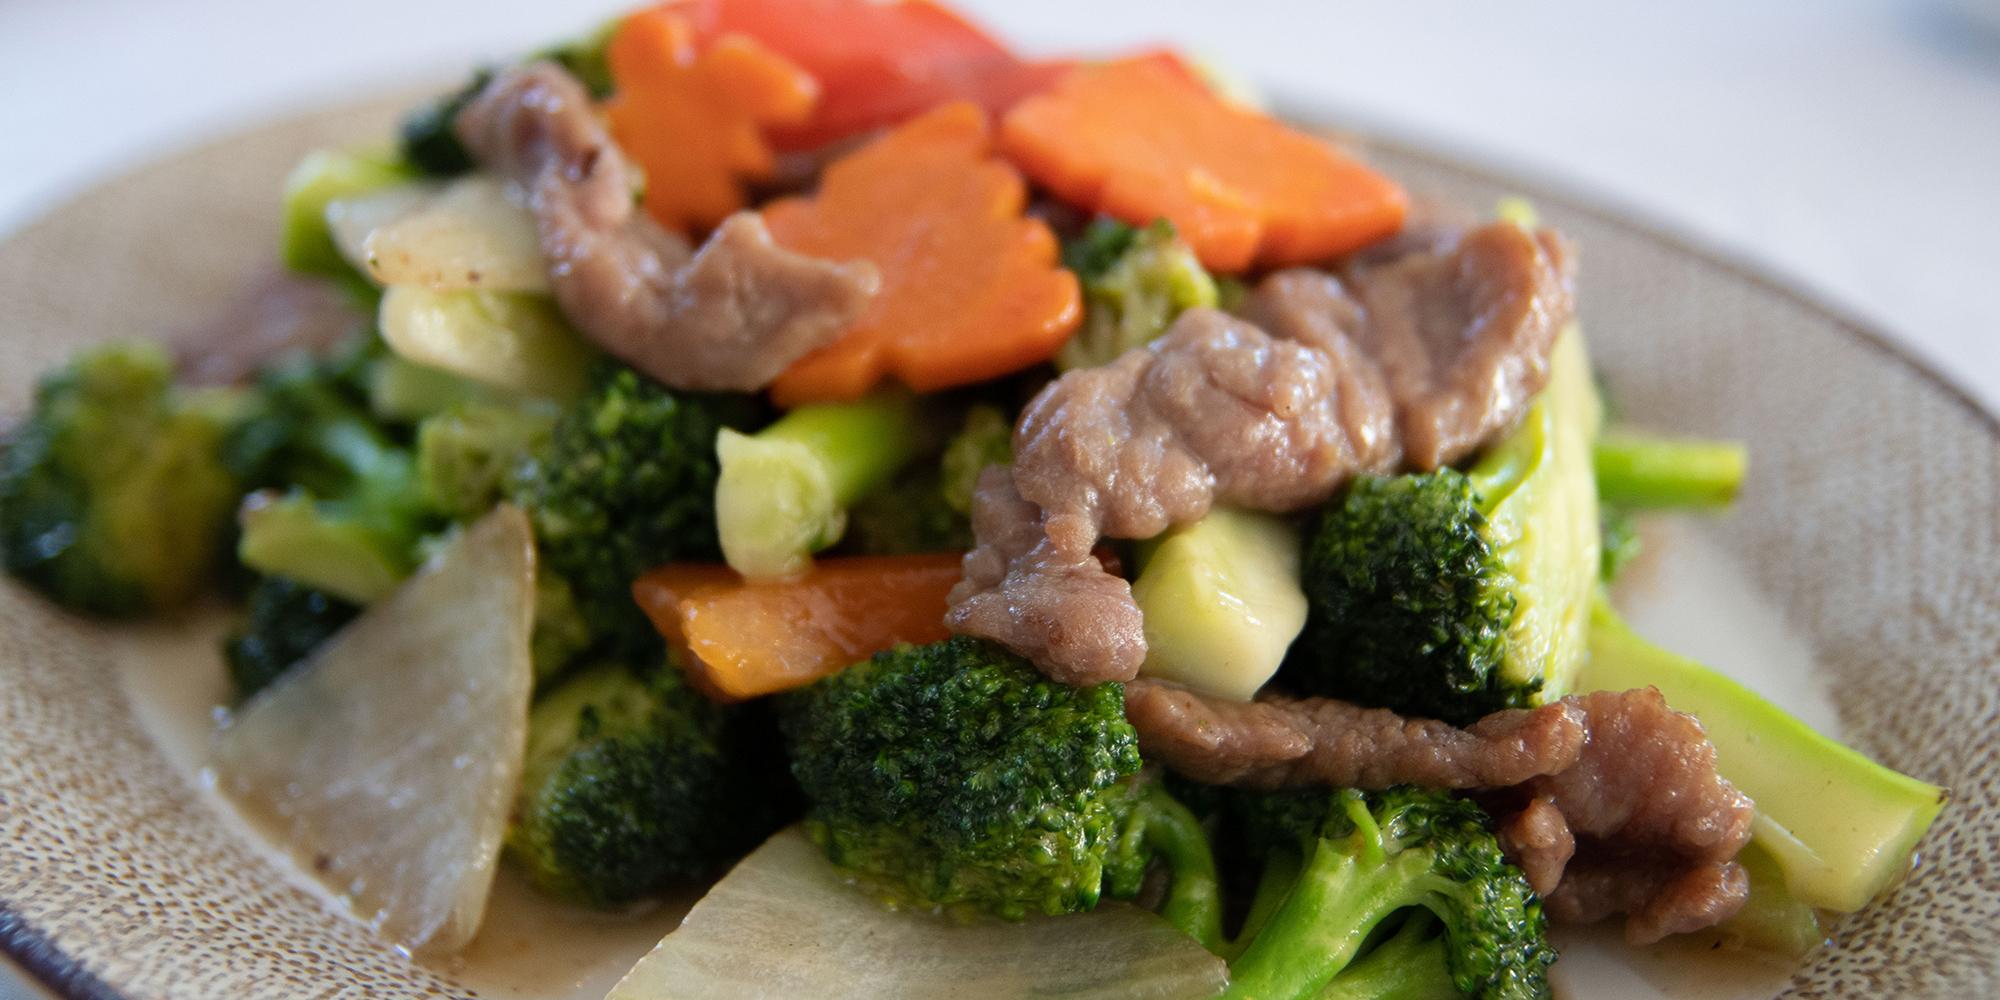 Beef-&-Broccoli